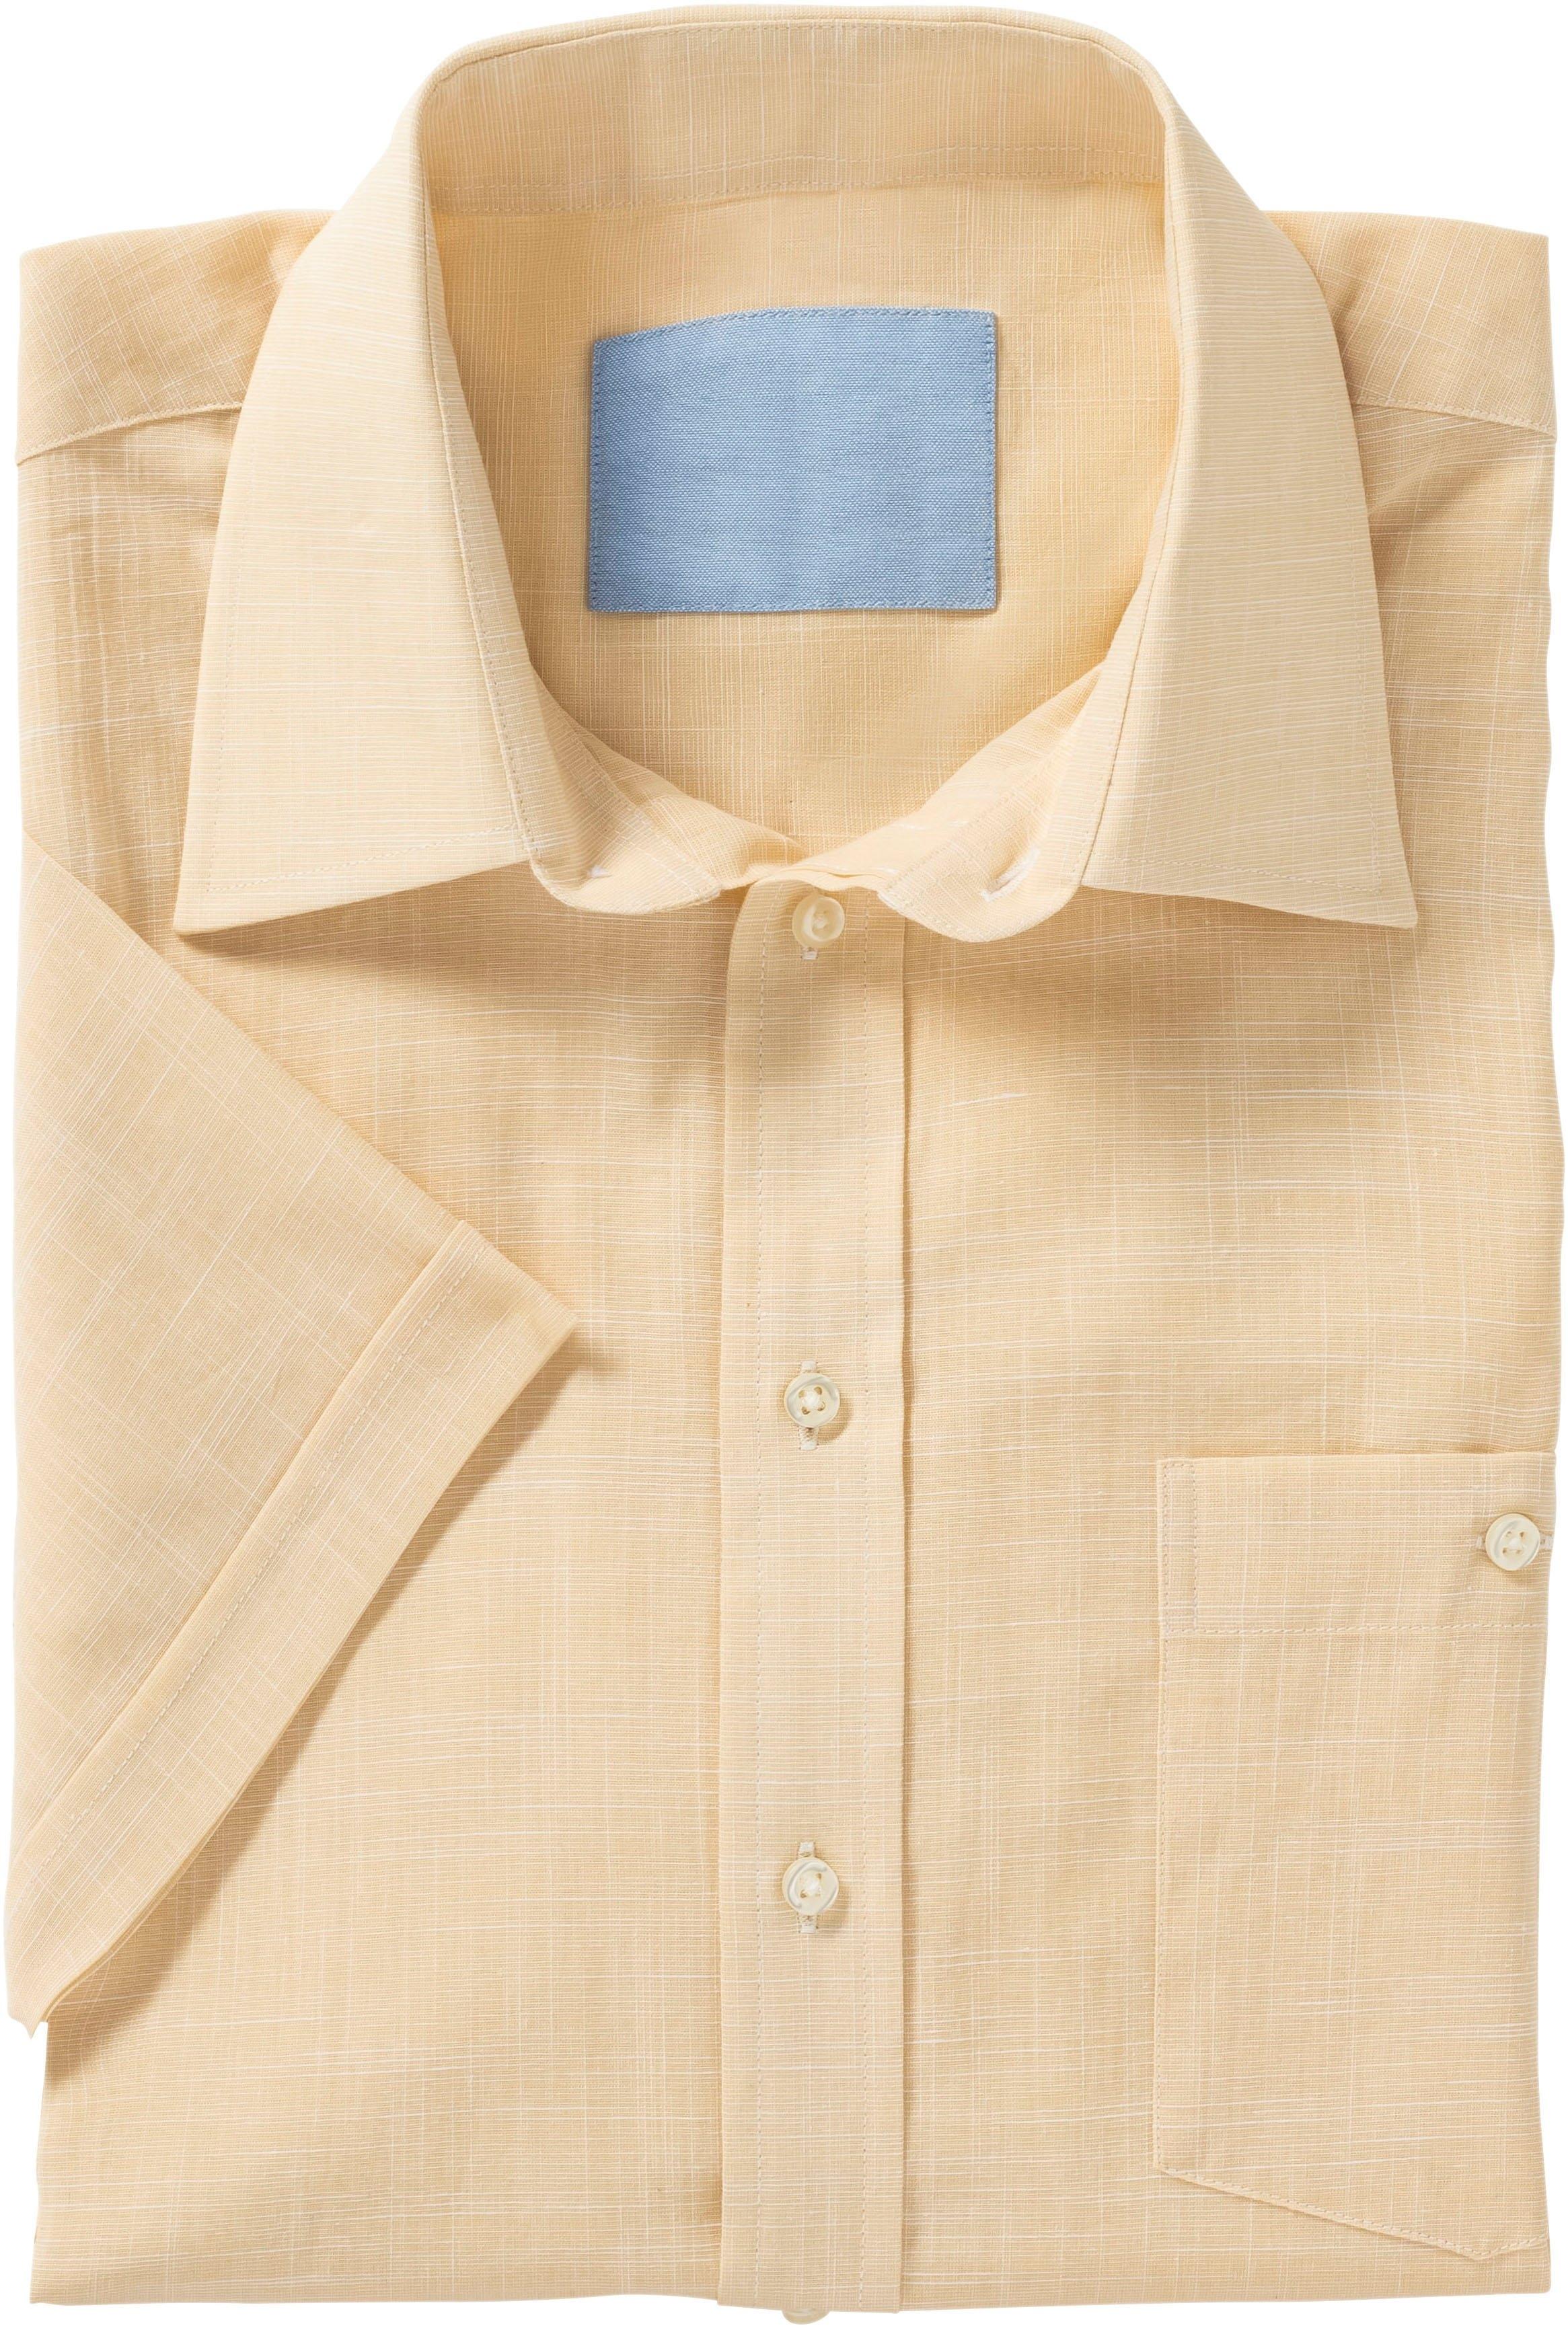 Geel Overhemd.Geel Overhemd Kopen